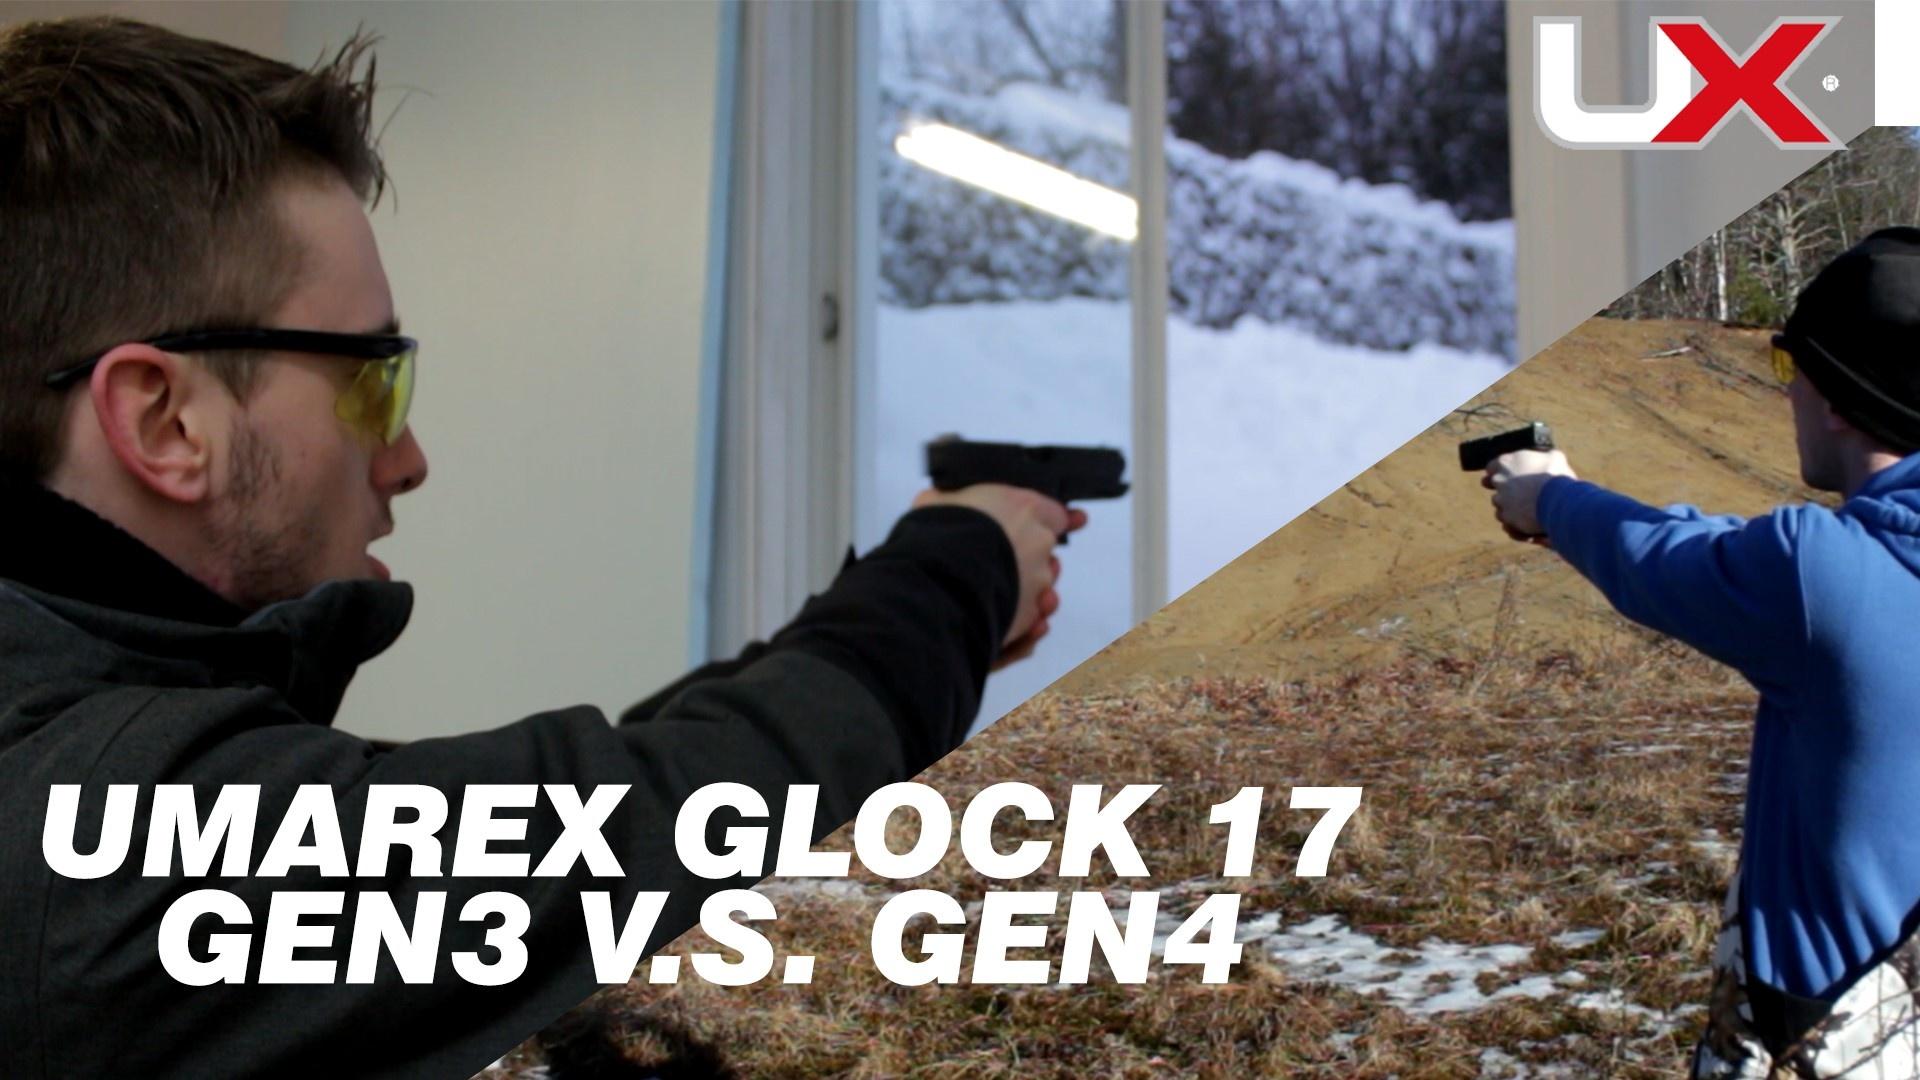 Umarex Glock 17 Gen3 vs Gen4